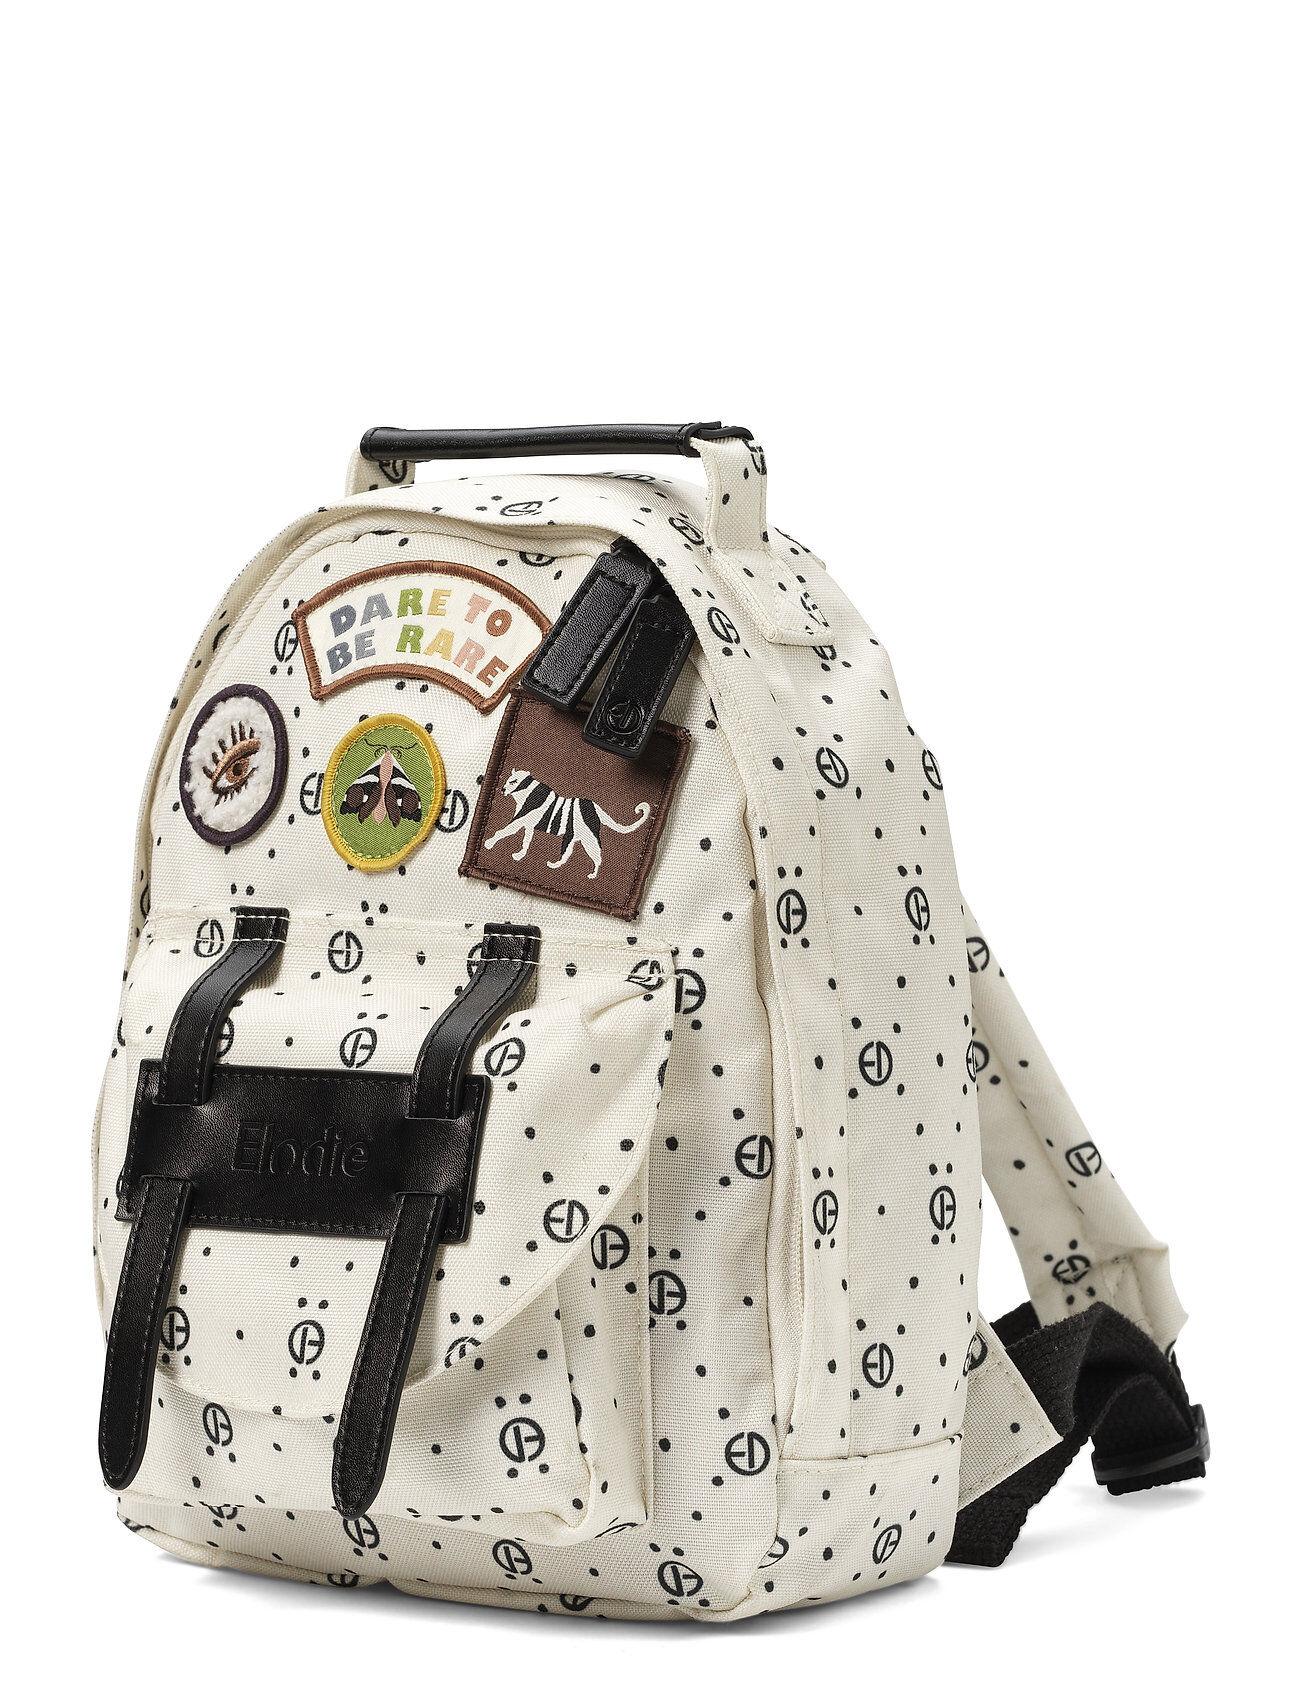 Elodie Details Backpack Mini™ - Monogram Accessories Bags Backpacks Valkoinen Elodie Details